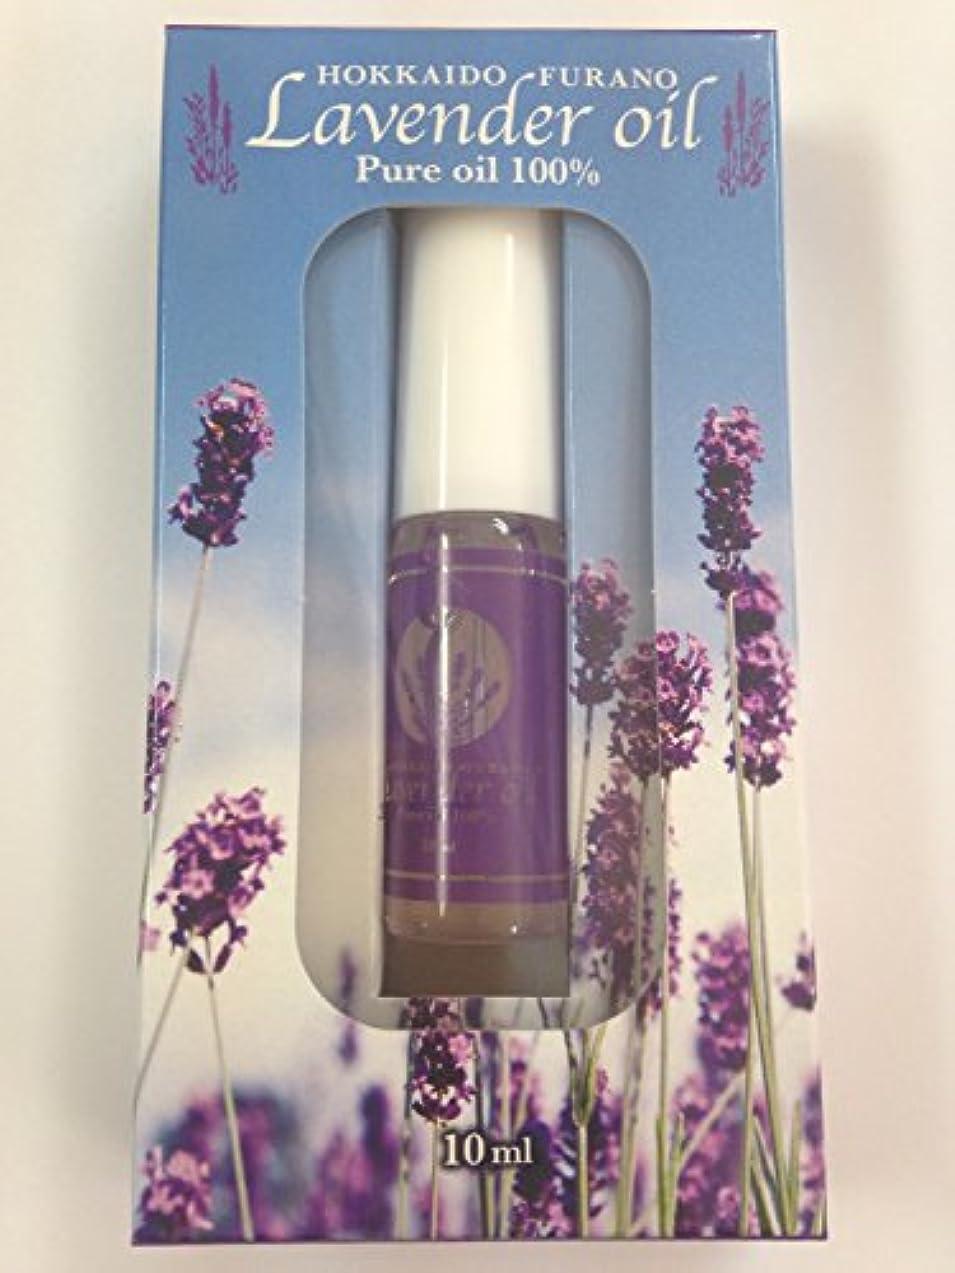 指令一過性葉を集める北海道◆ラベンダー天然精油100%?10ml<水蒸気蒸留法>Lavender oil